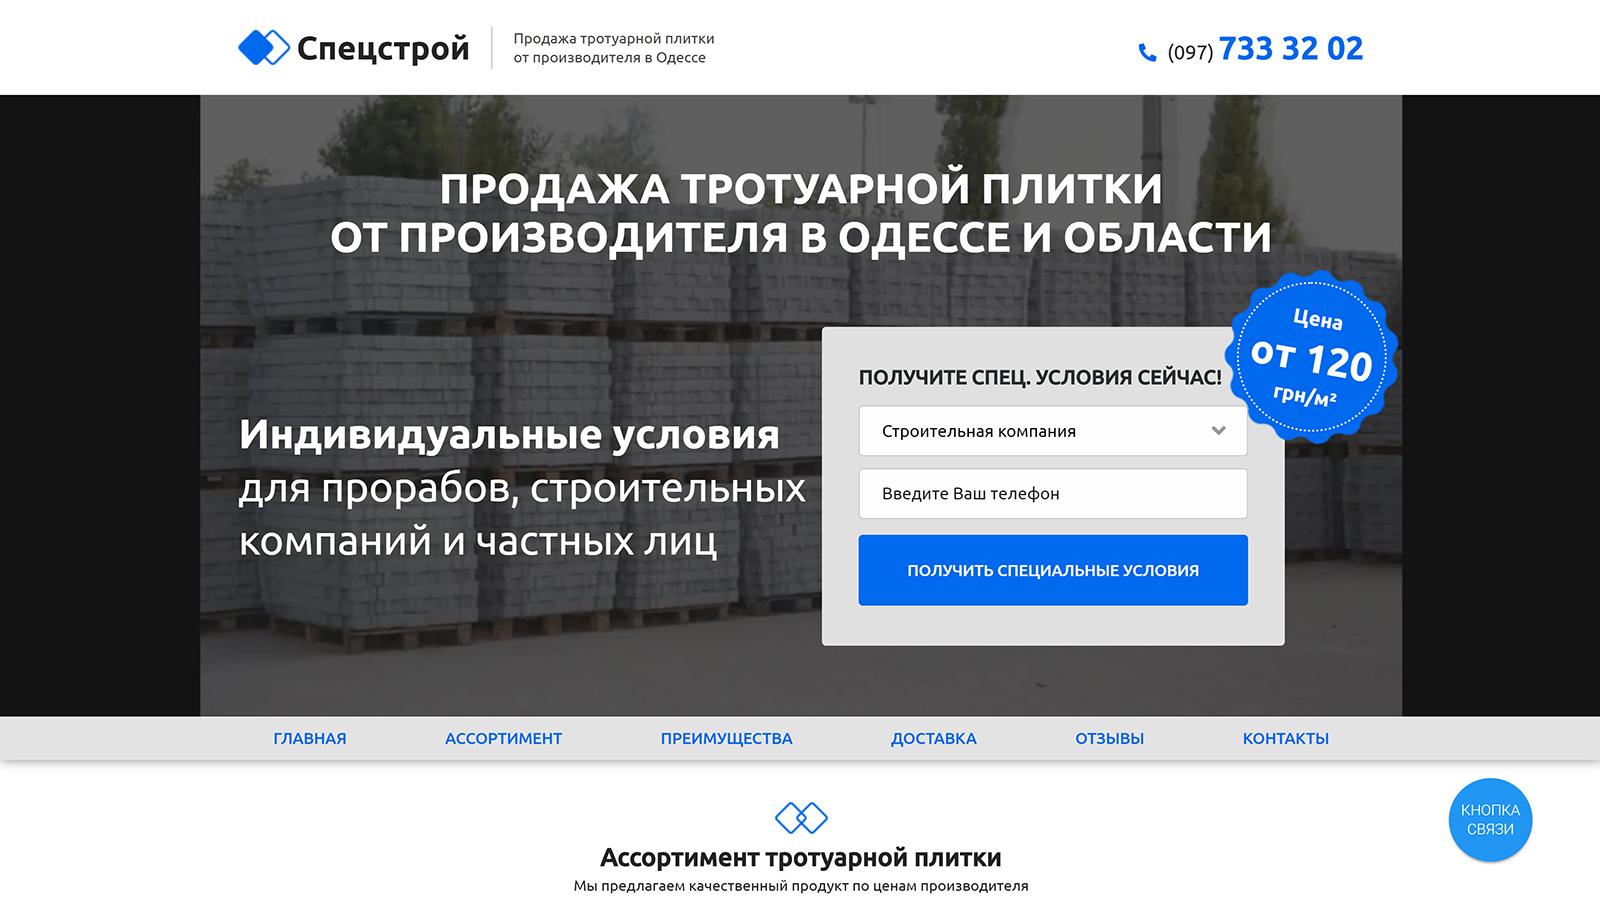 """""""Спецстрой"""" — компания по продаже тротуарной плитки"""